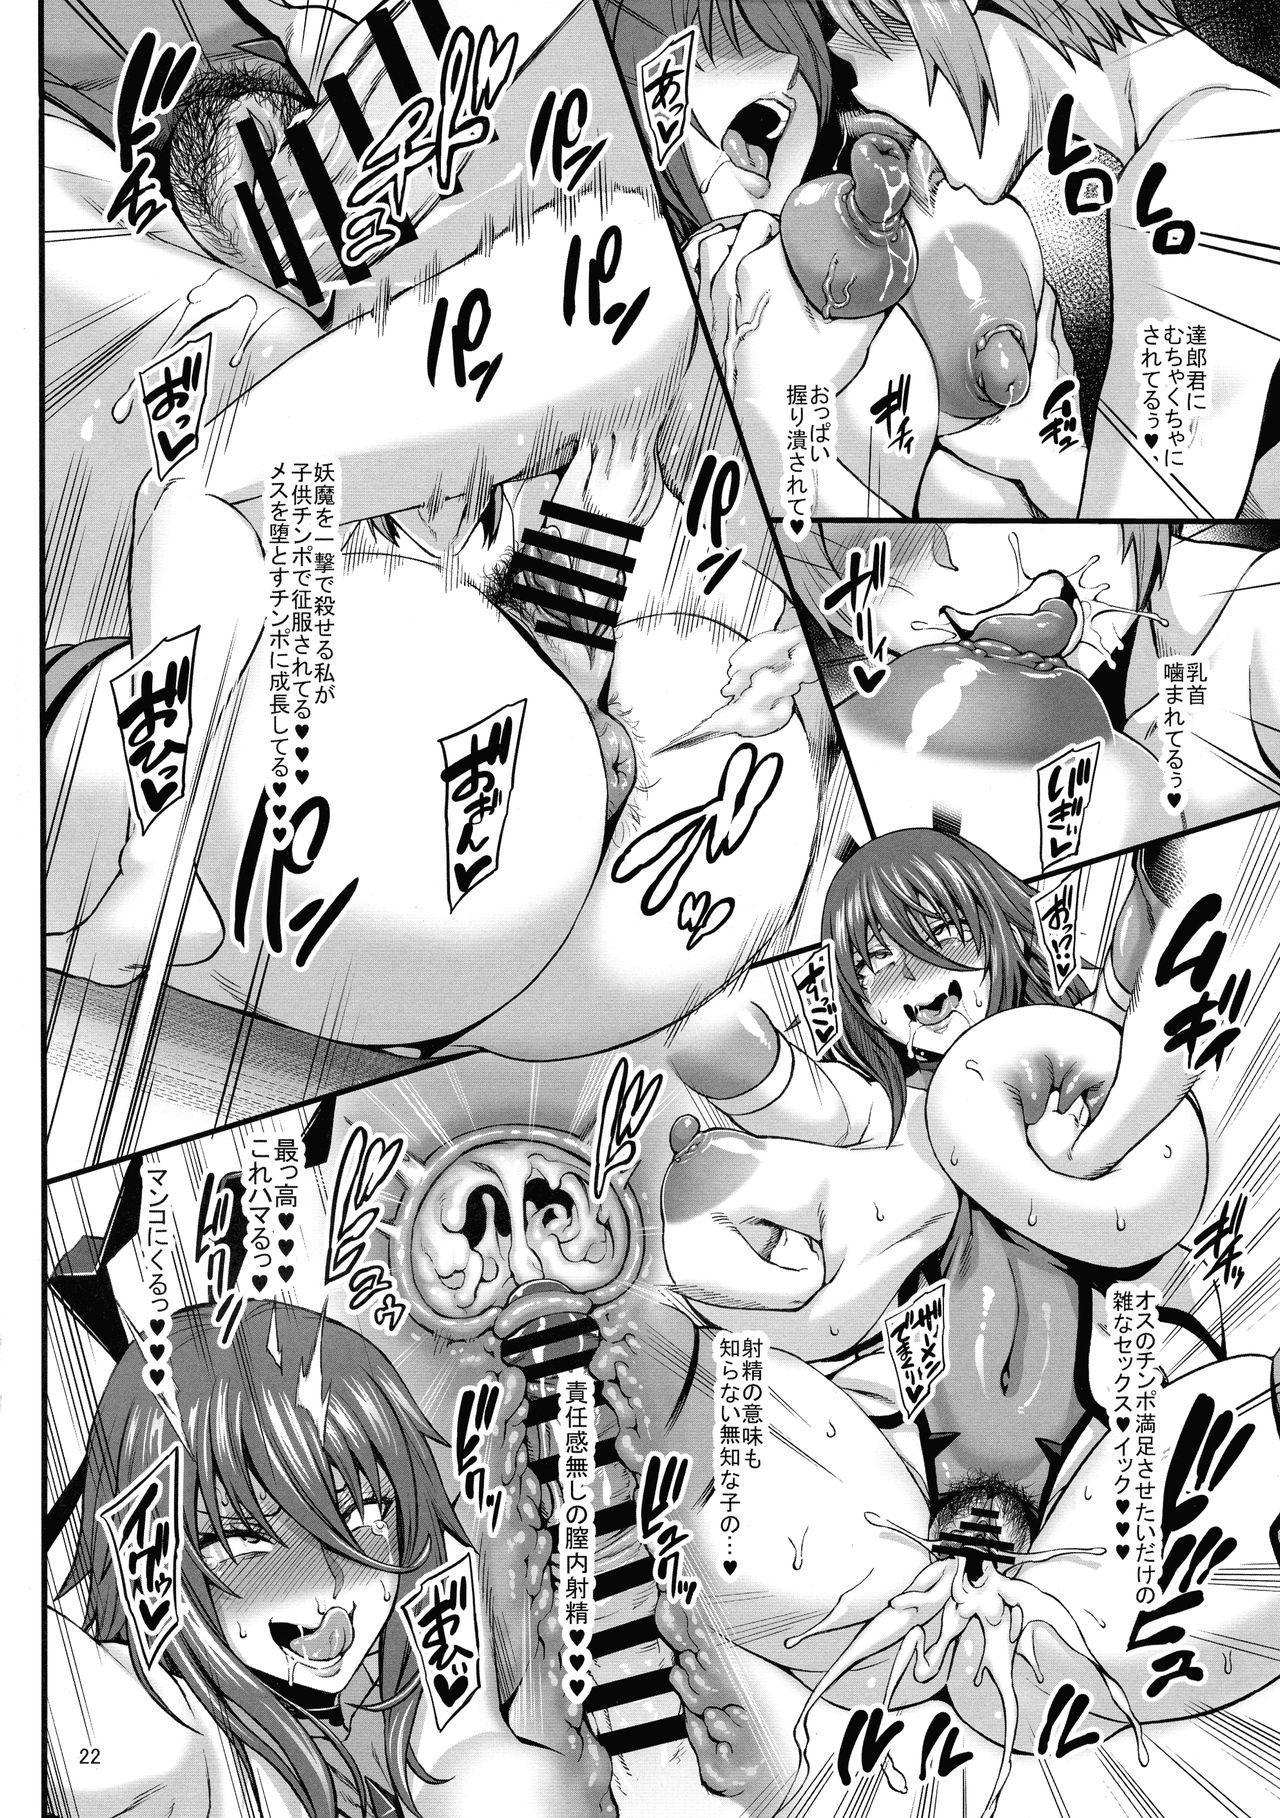 Taimanin Shiranui Musume no Osananajimi ni Te o Dasu Itazura Oba-san Hen 23